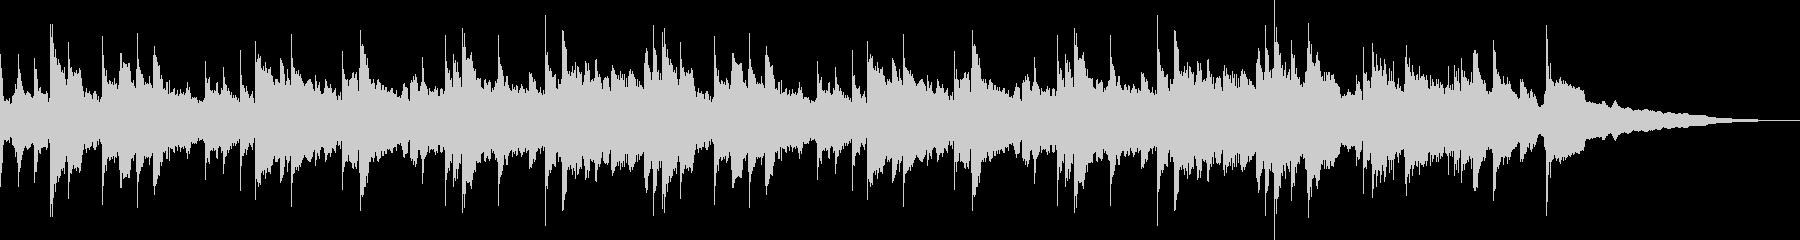 アコギの素直な音色を活かした多重録音の未再生の波形